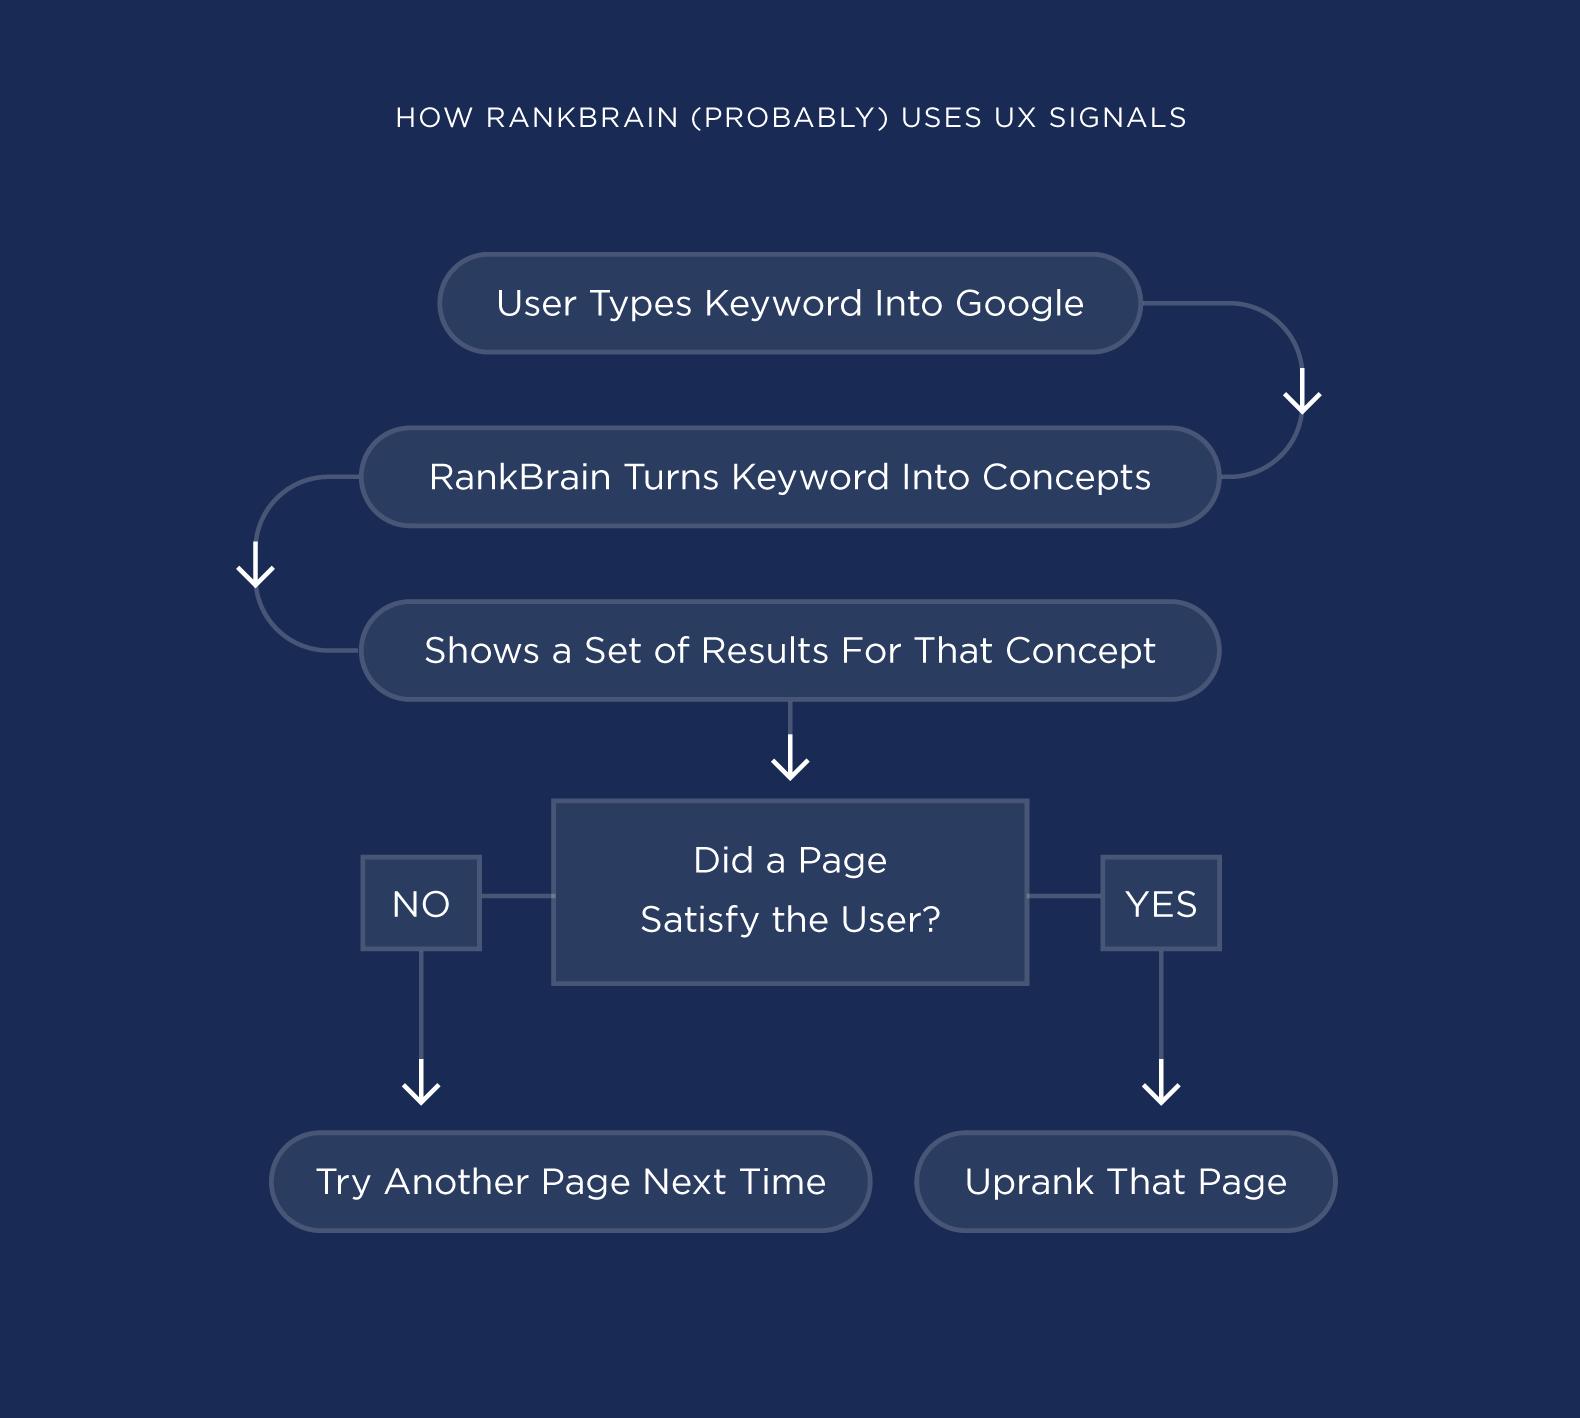 چگونه RankBrain از سیگنالهای UX استفاده میکند